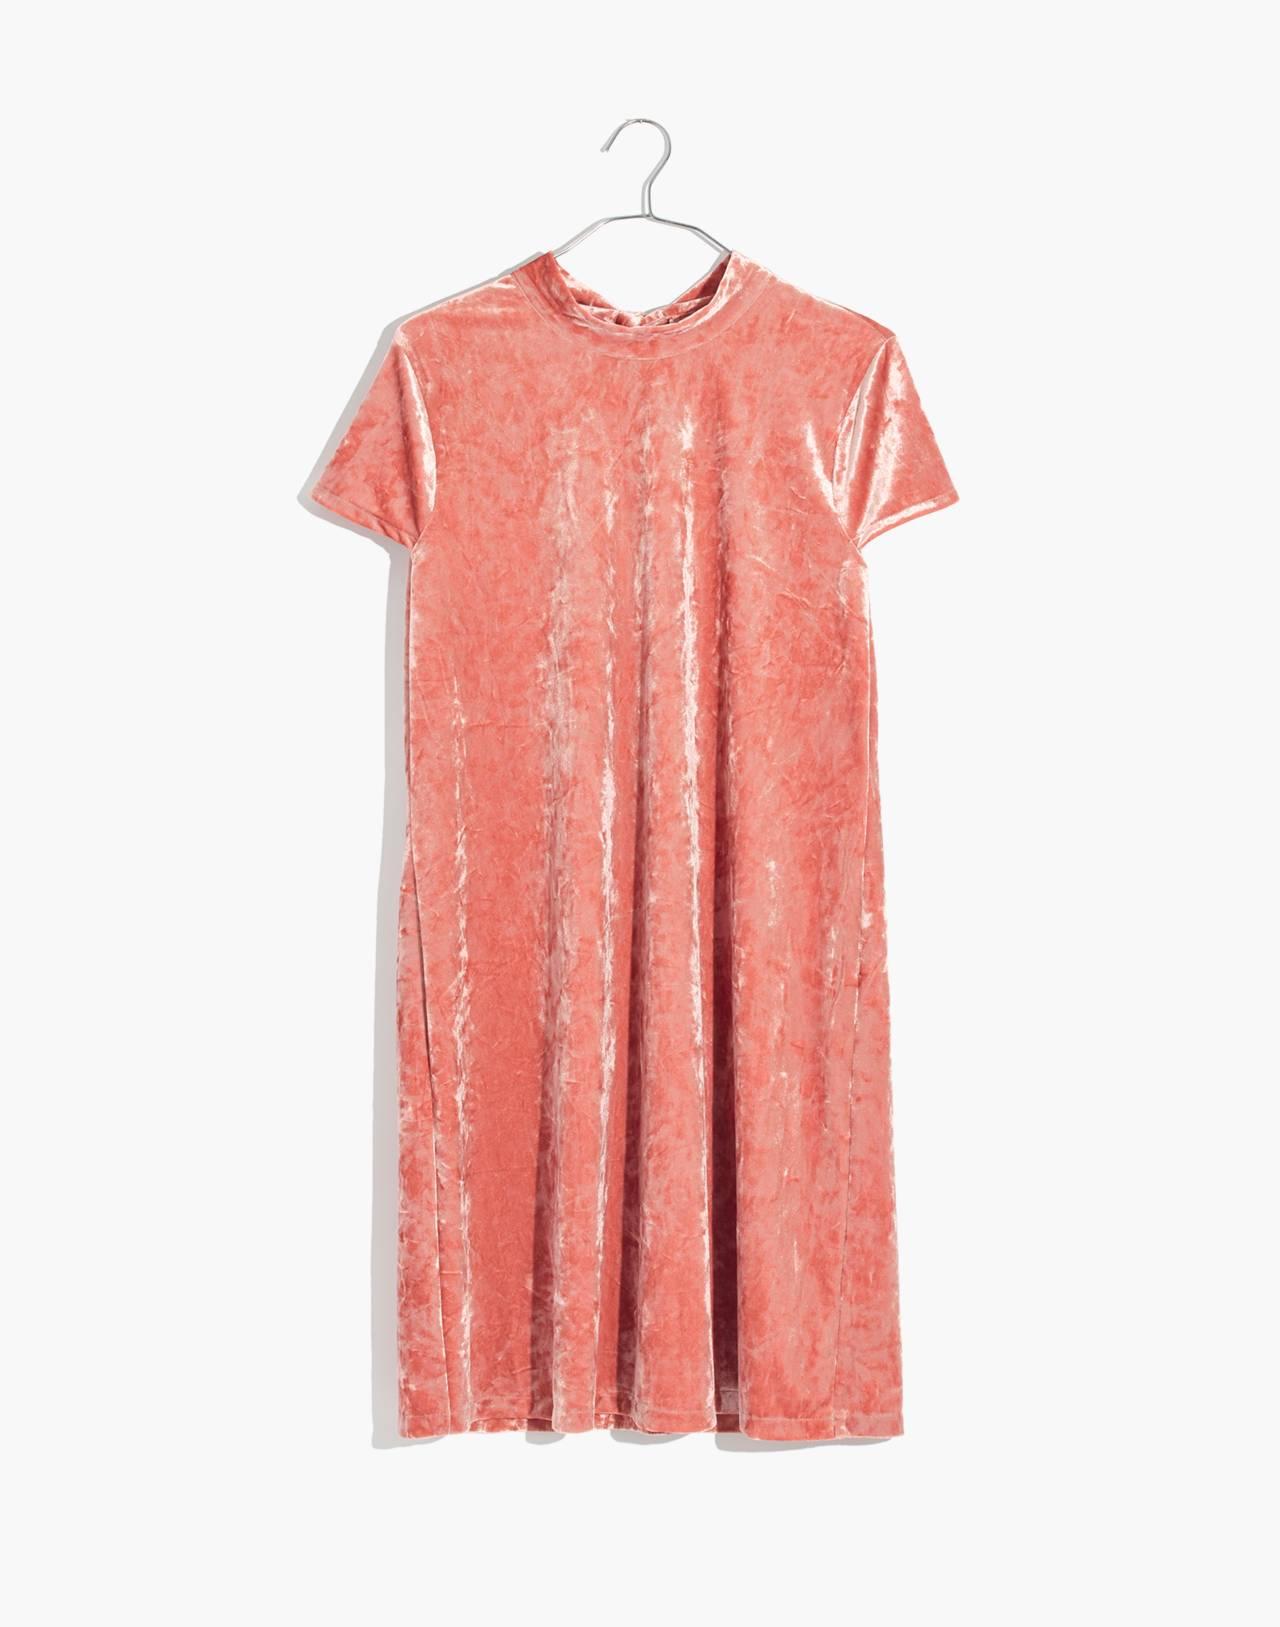 Crushed Velvet Mockneck Dress in afterglow red image 4